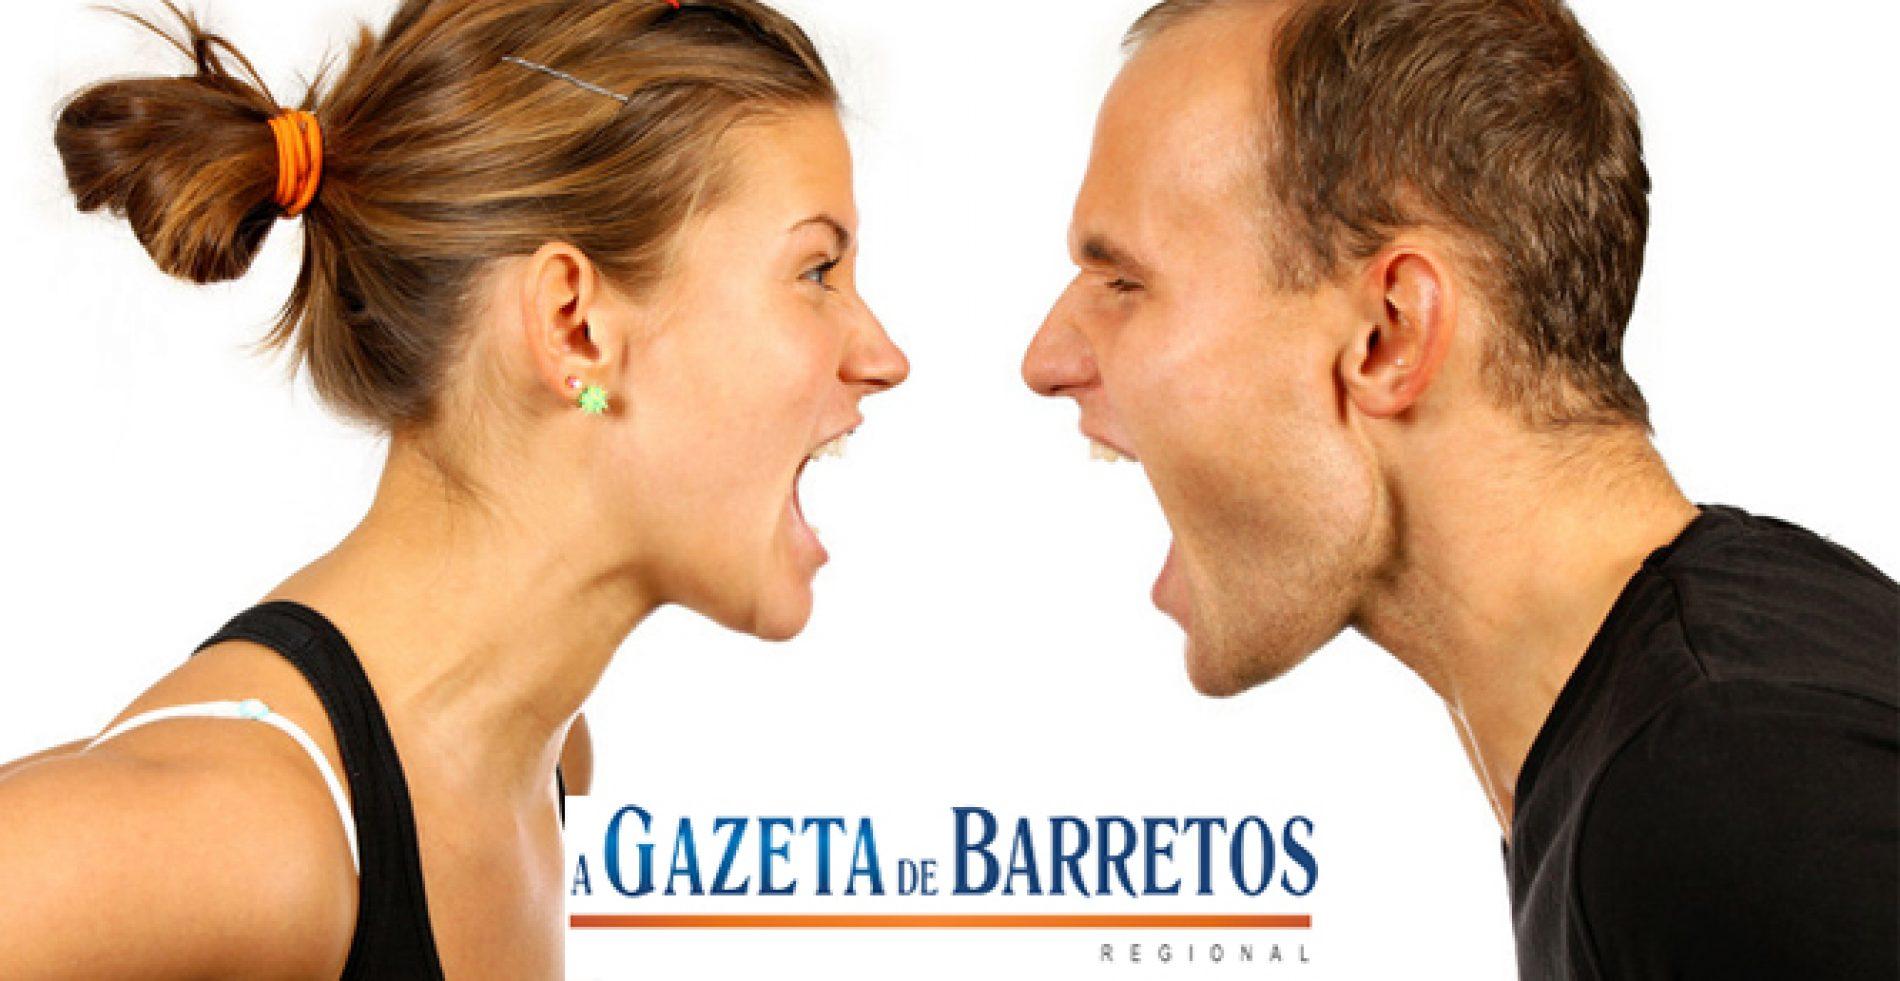 Desentendimento entre casal termina na delegacia